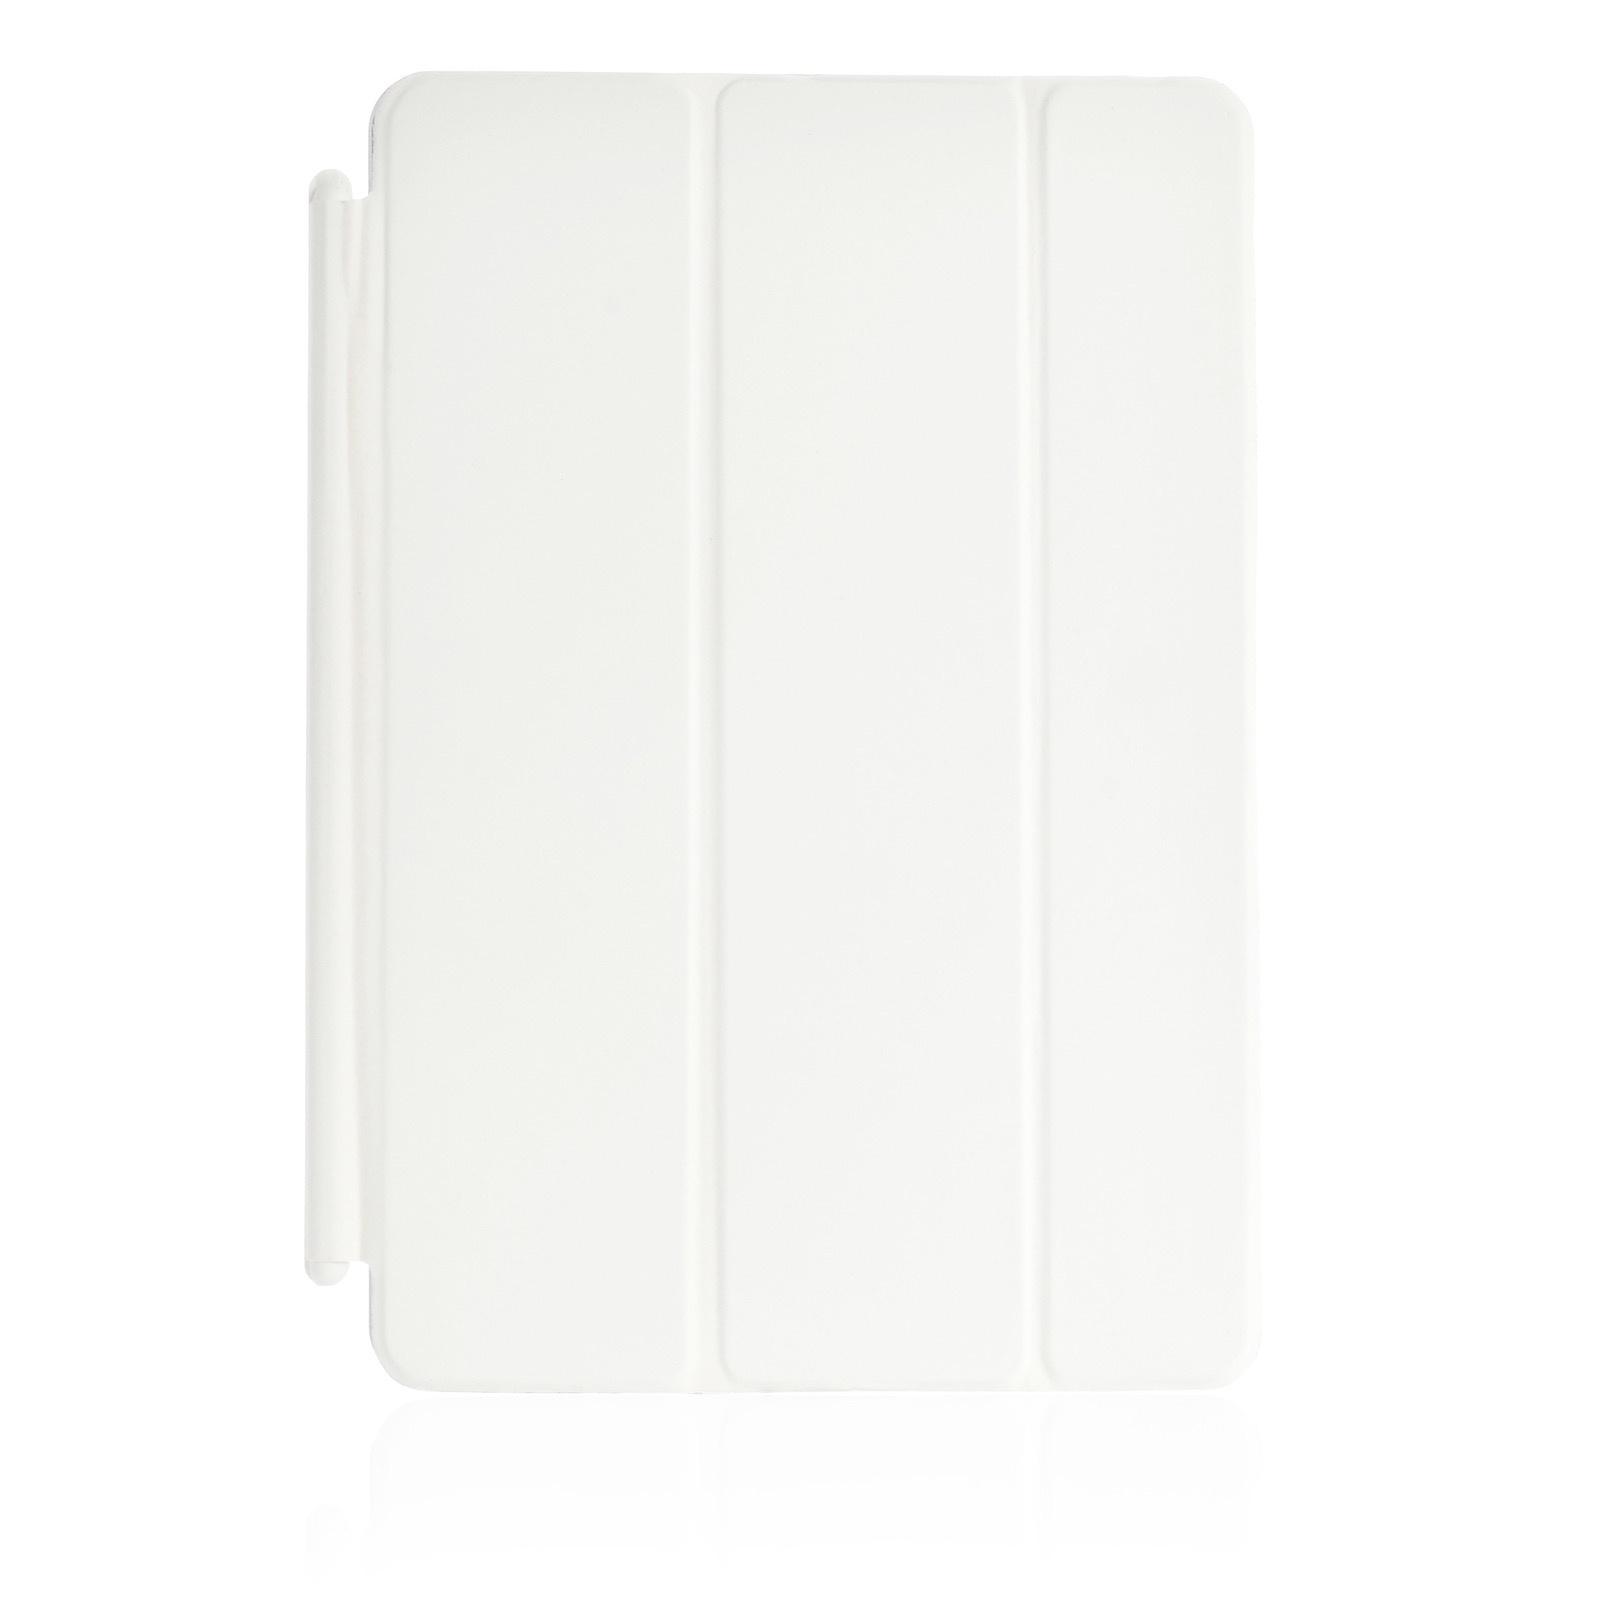 Чехол для планшета iNeez Smart на дисплей полиуретановый для Apple iPad mini 1, белый